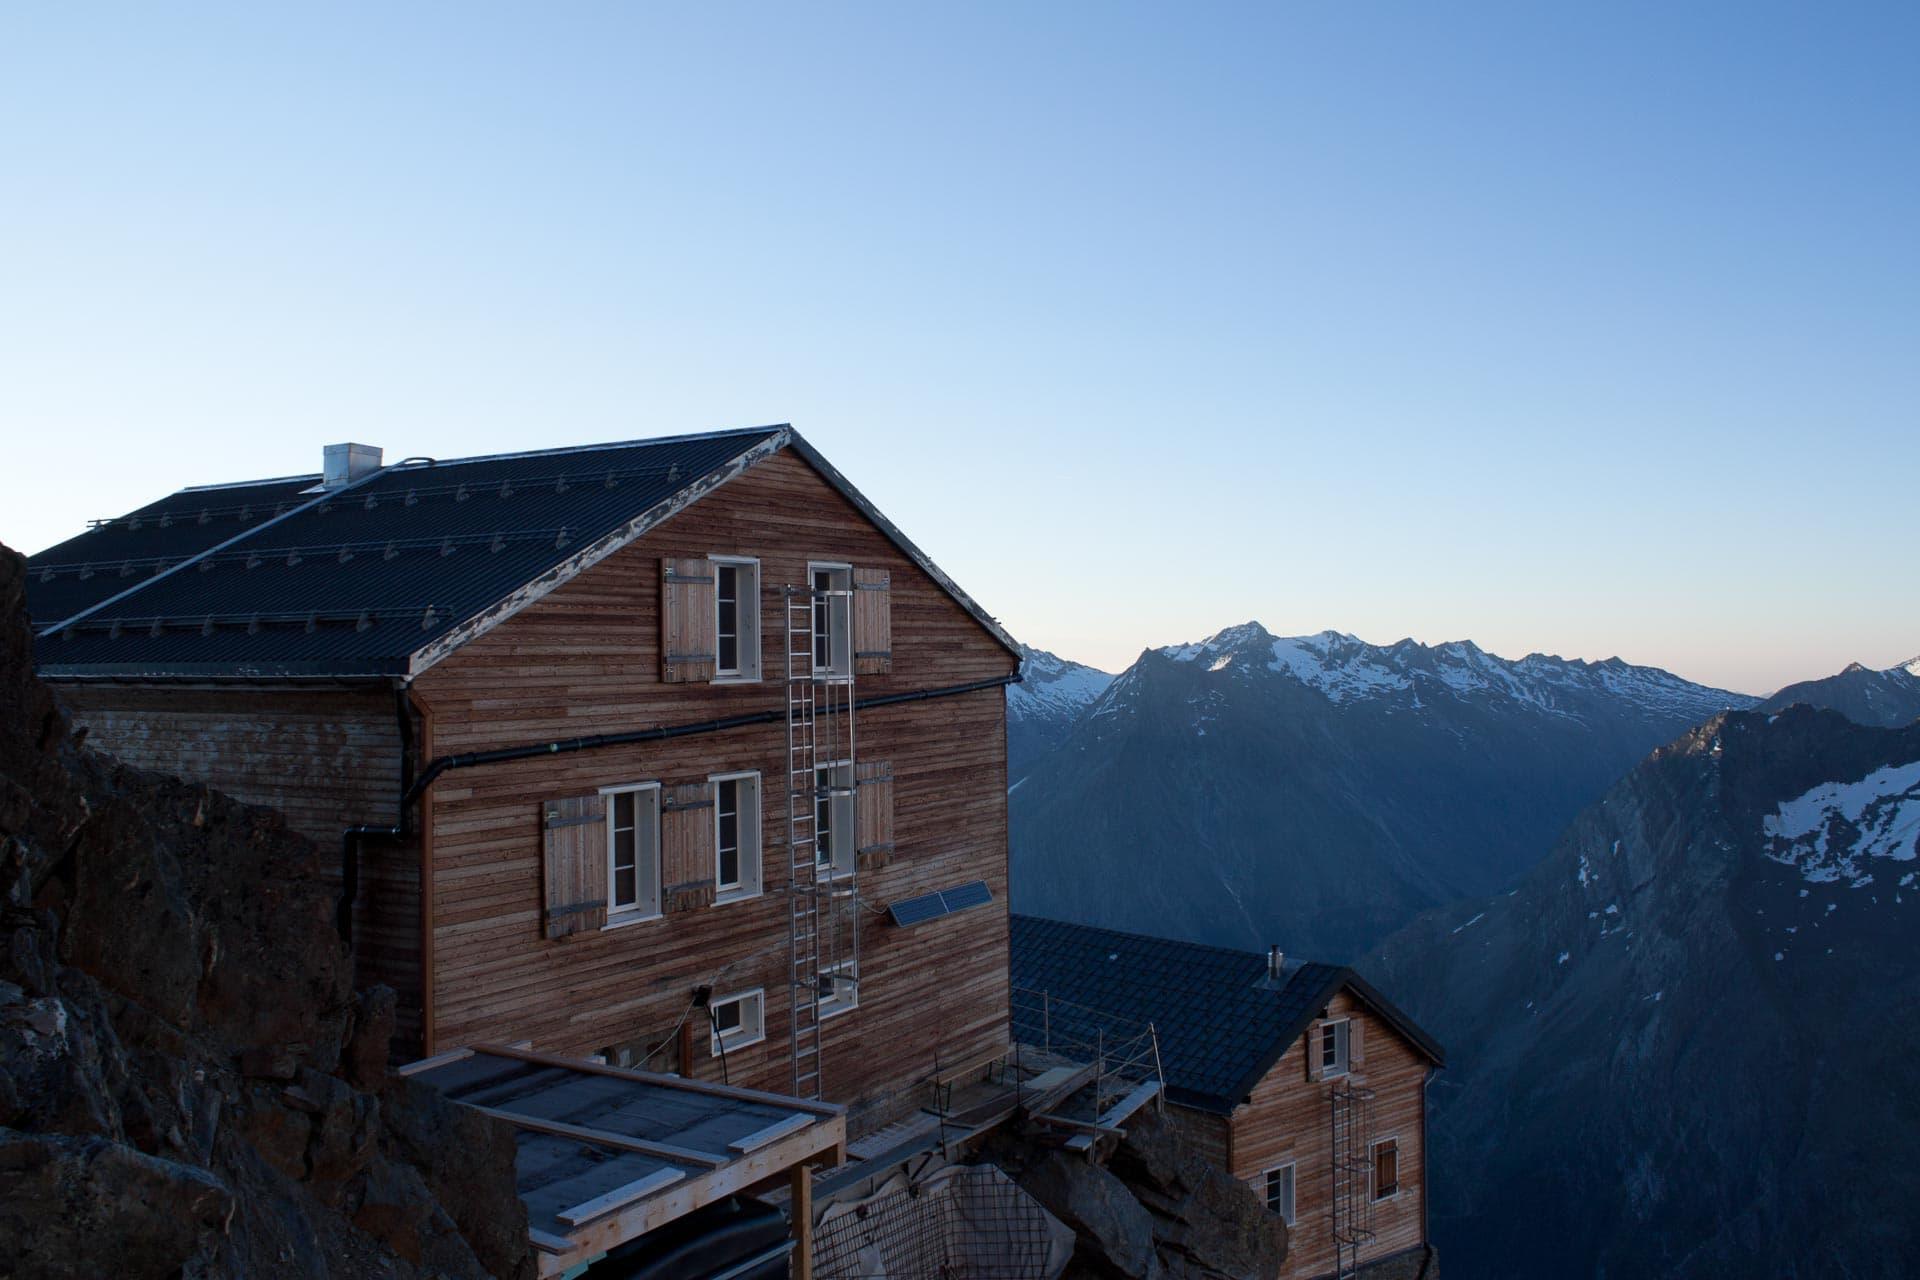 Architekturphoto der Mischabelhütte die am Ostgrat der Lenzspitze auf 3329 m Höhe steht. Im August des Jahres 2014 ist sie die höchste Baustelle im Wallis.